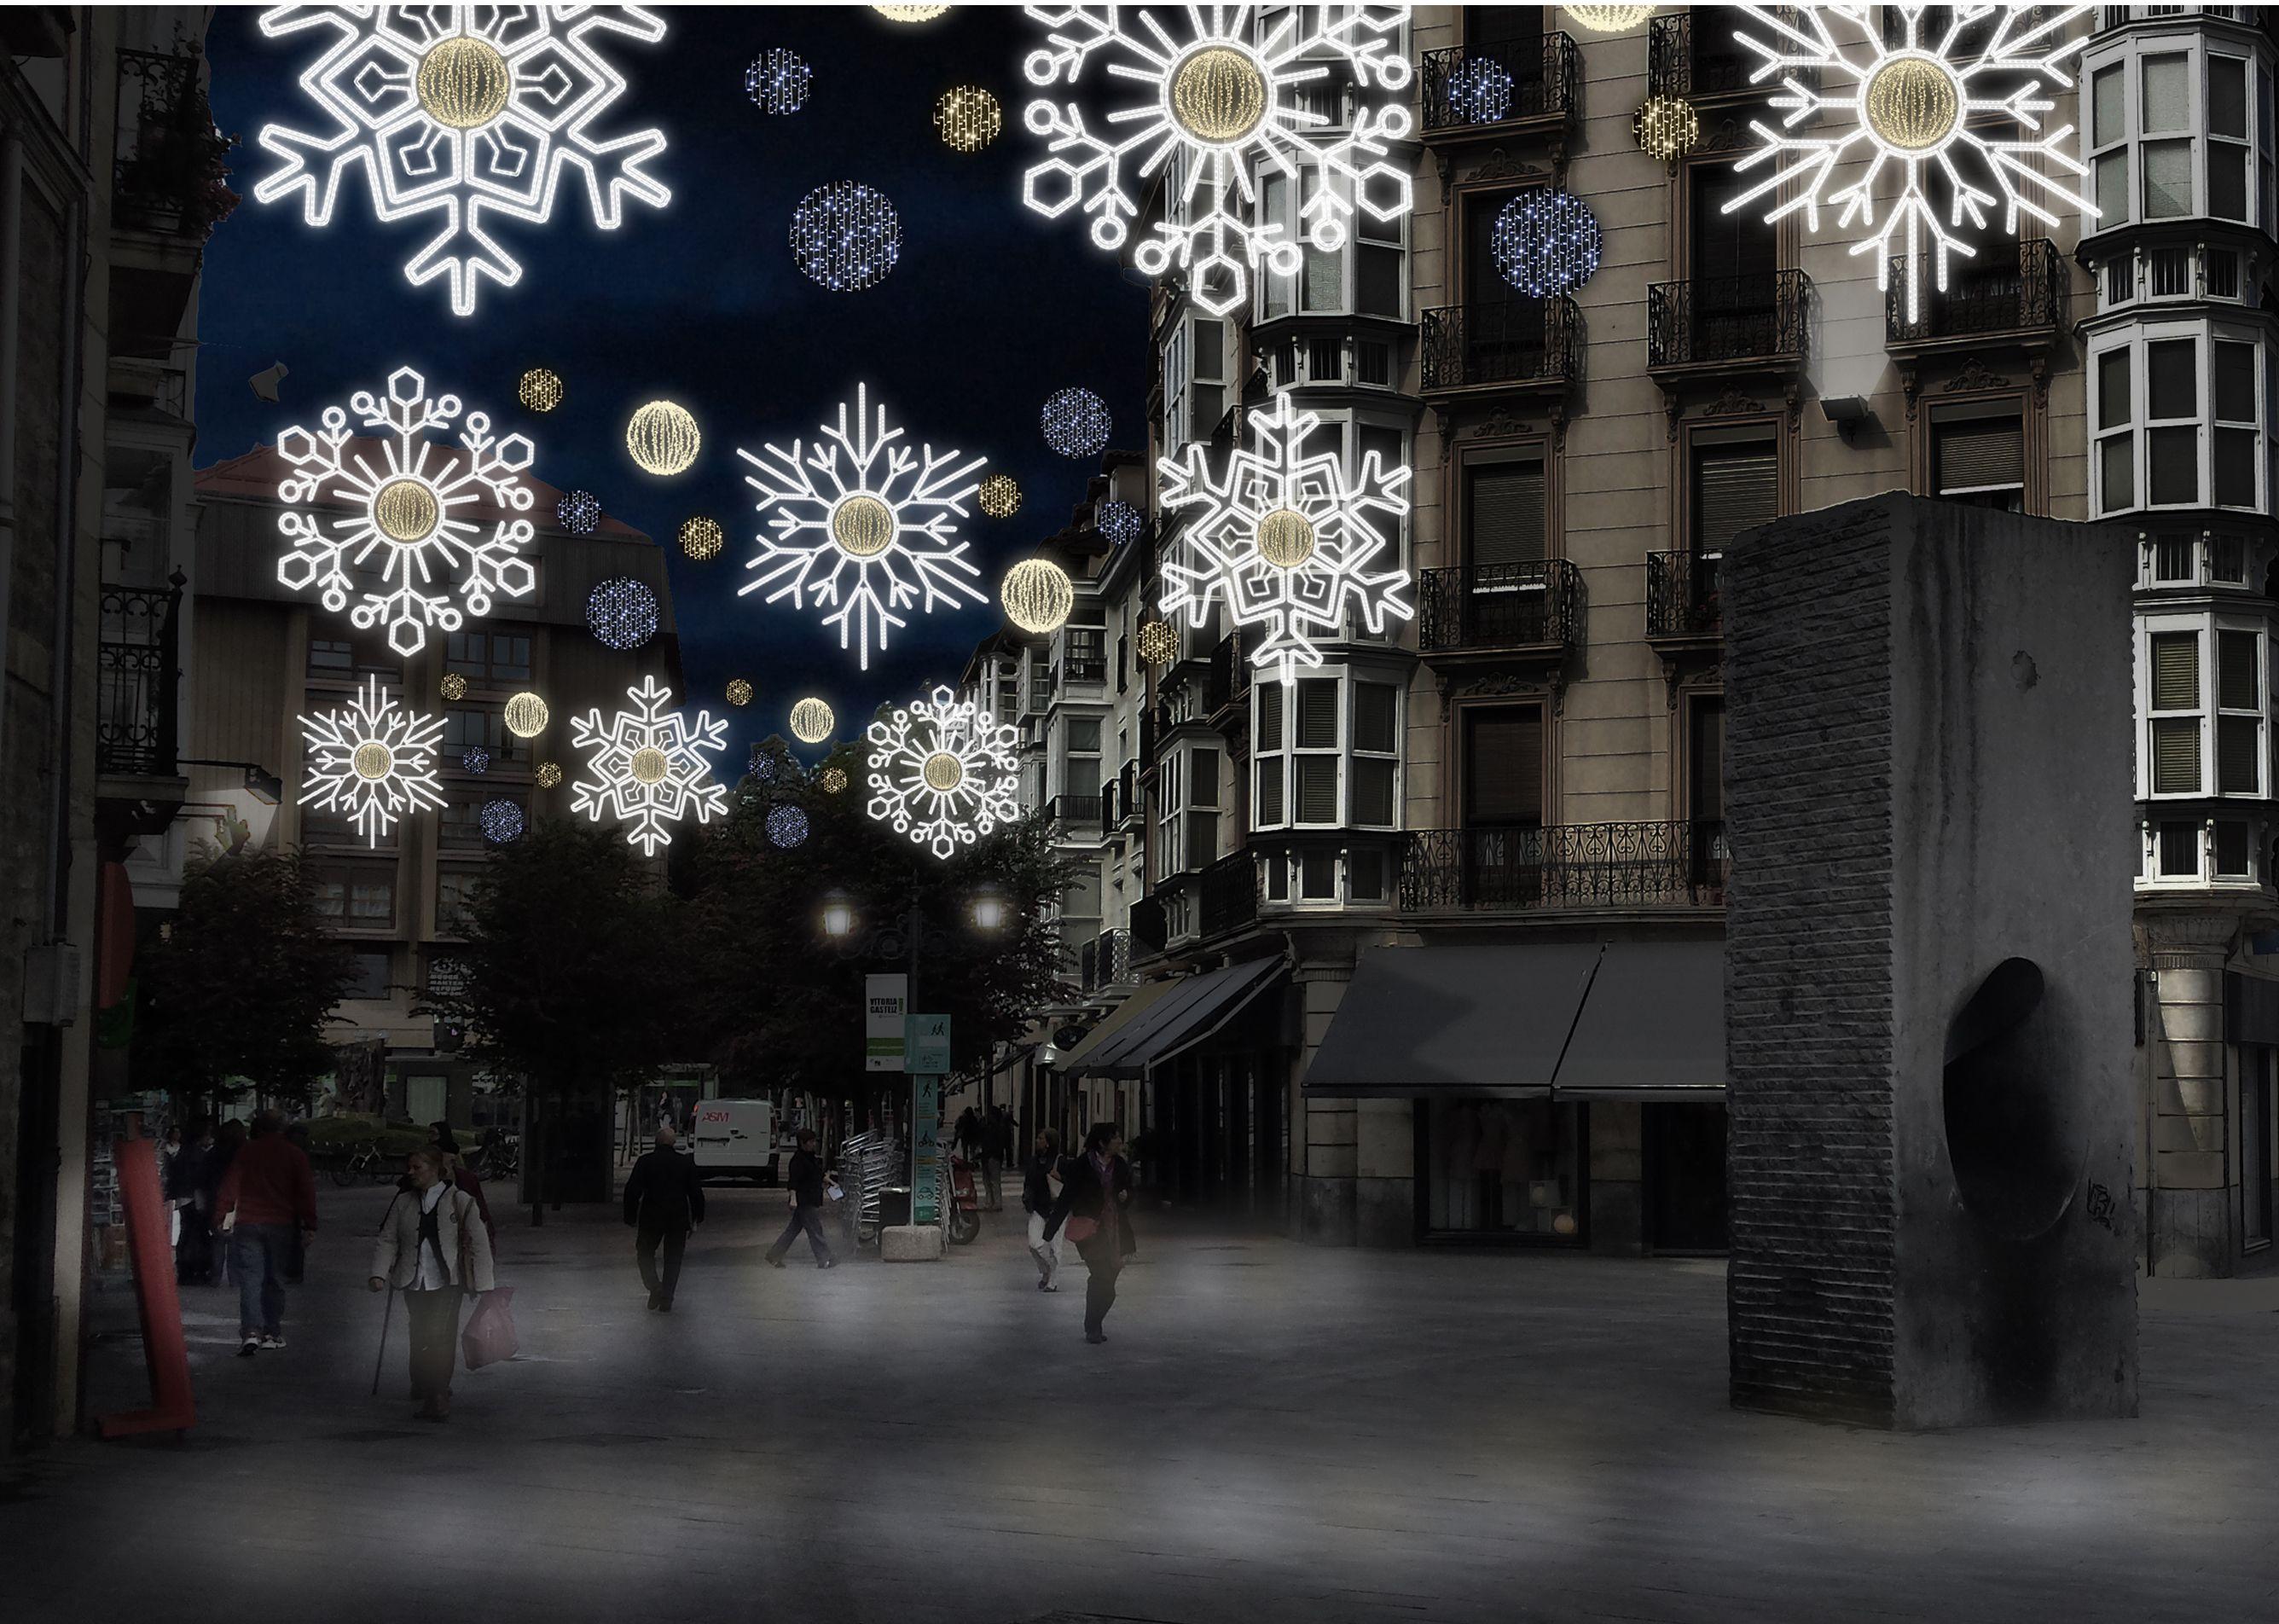 El ayuntamiento de vitoria gasteiz adjudica el contrato de la iluminaci n navide a que este a o - Iluminacion vitoria ...